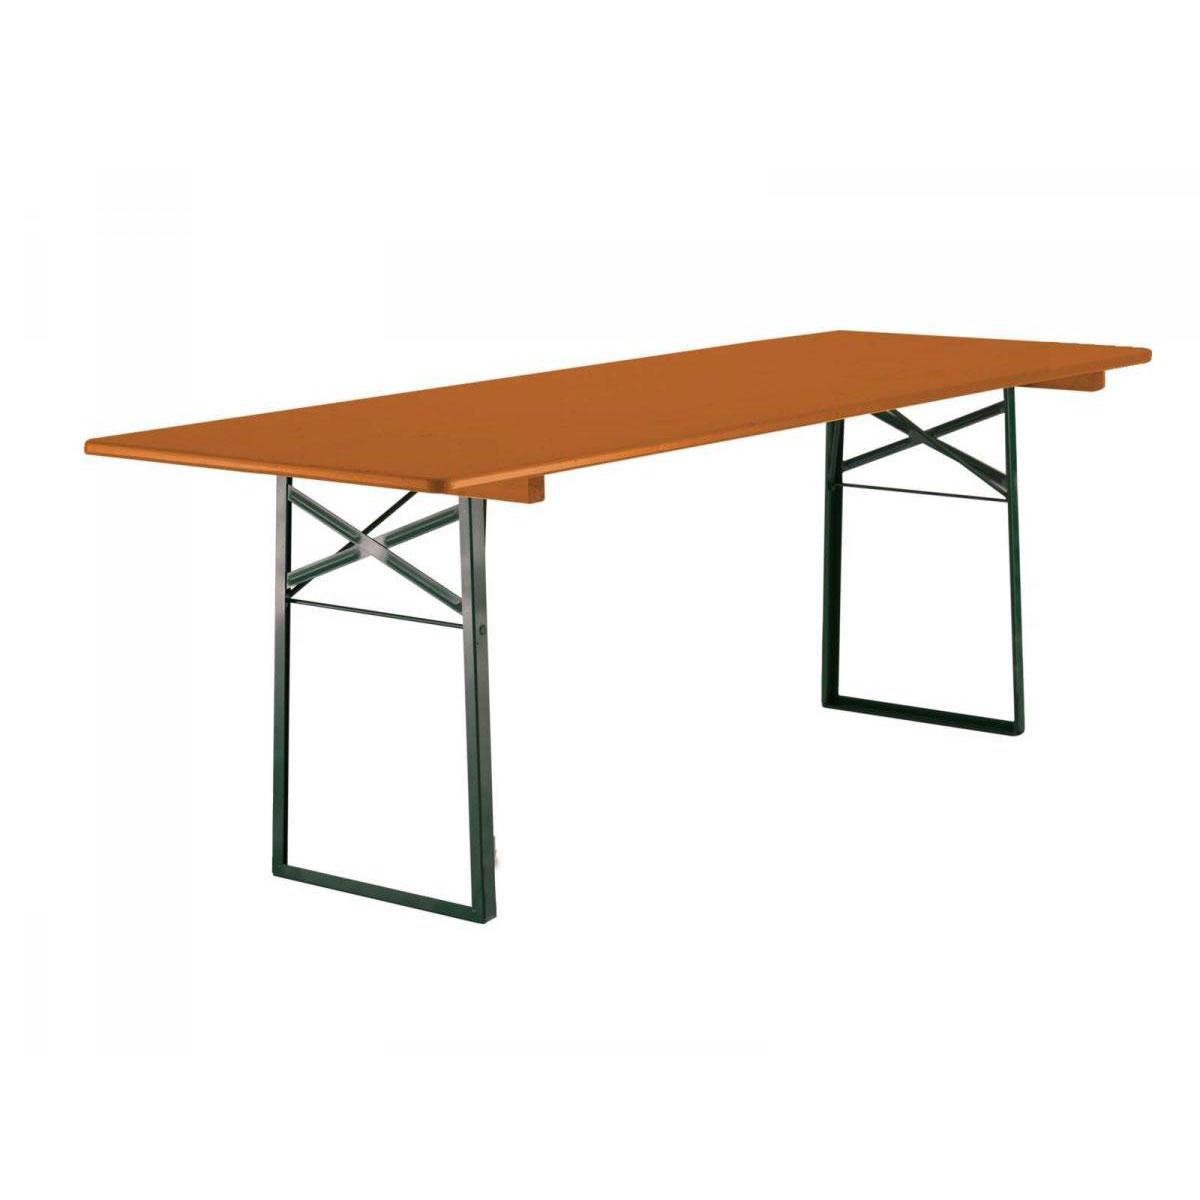 Ruku Festzeltgarnitur Tisch 67 cm, klappbar